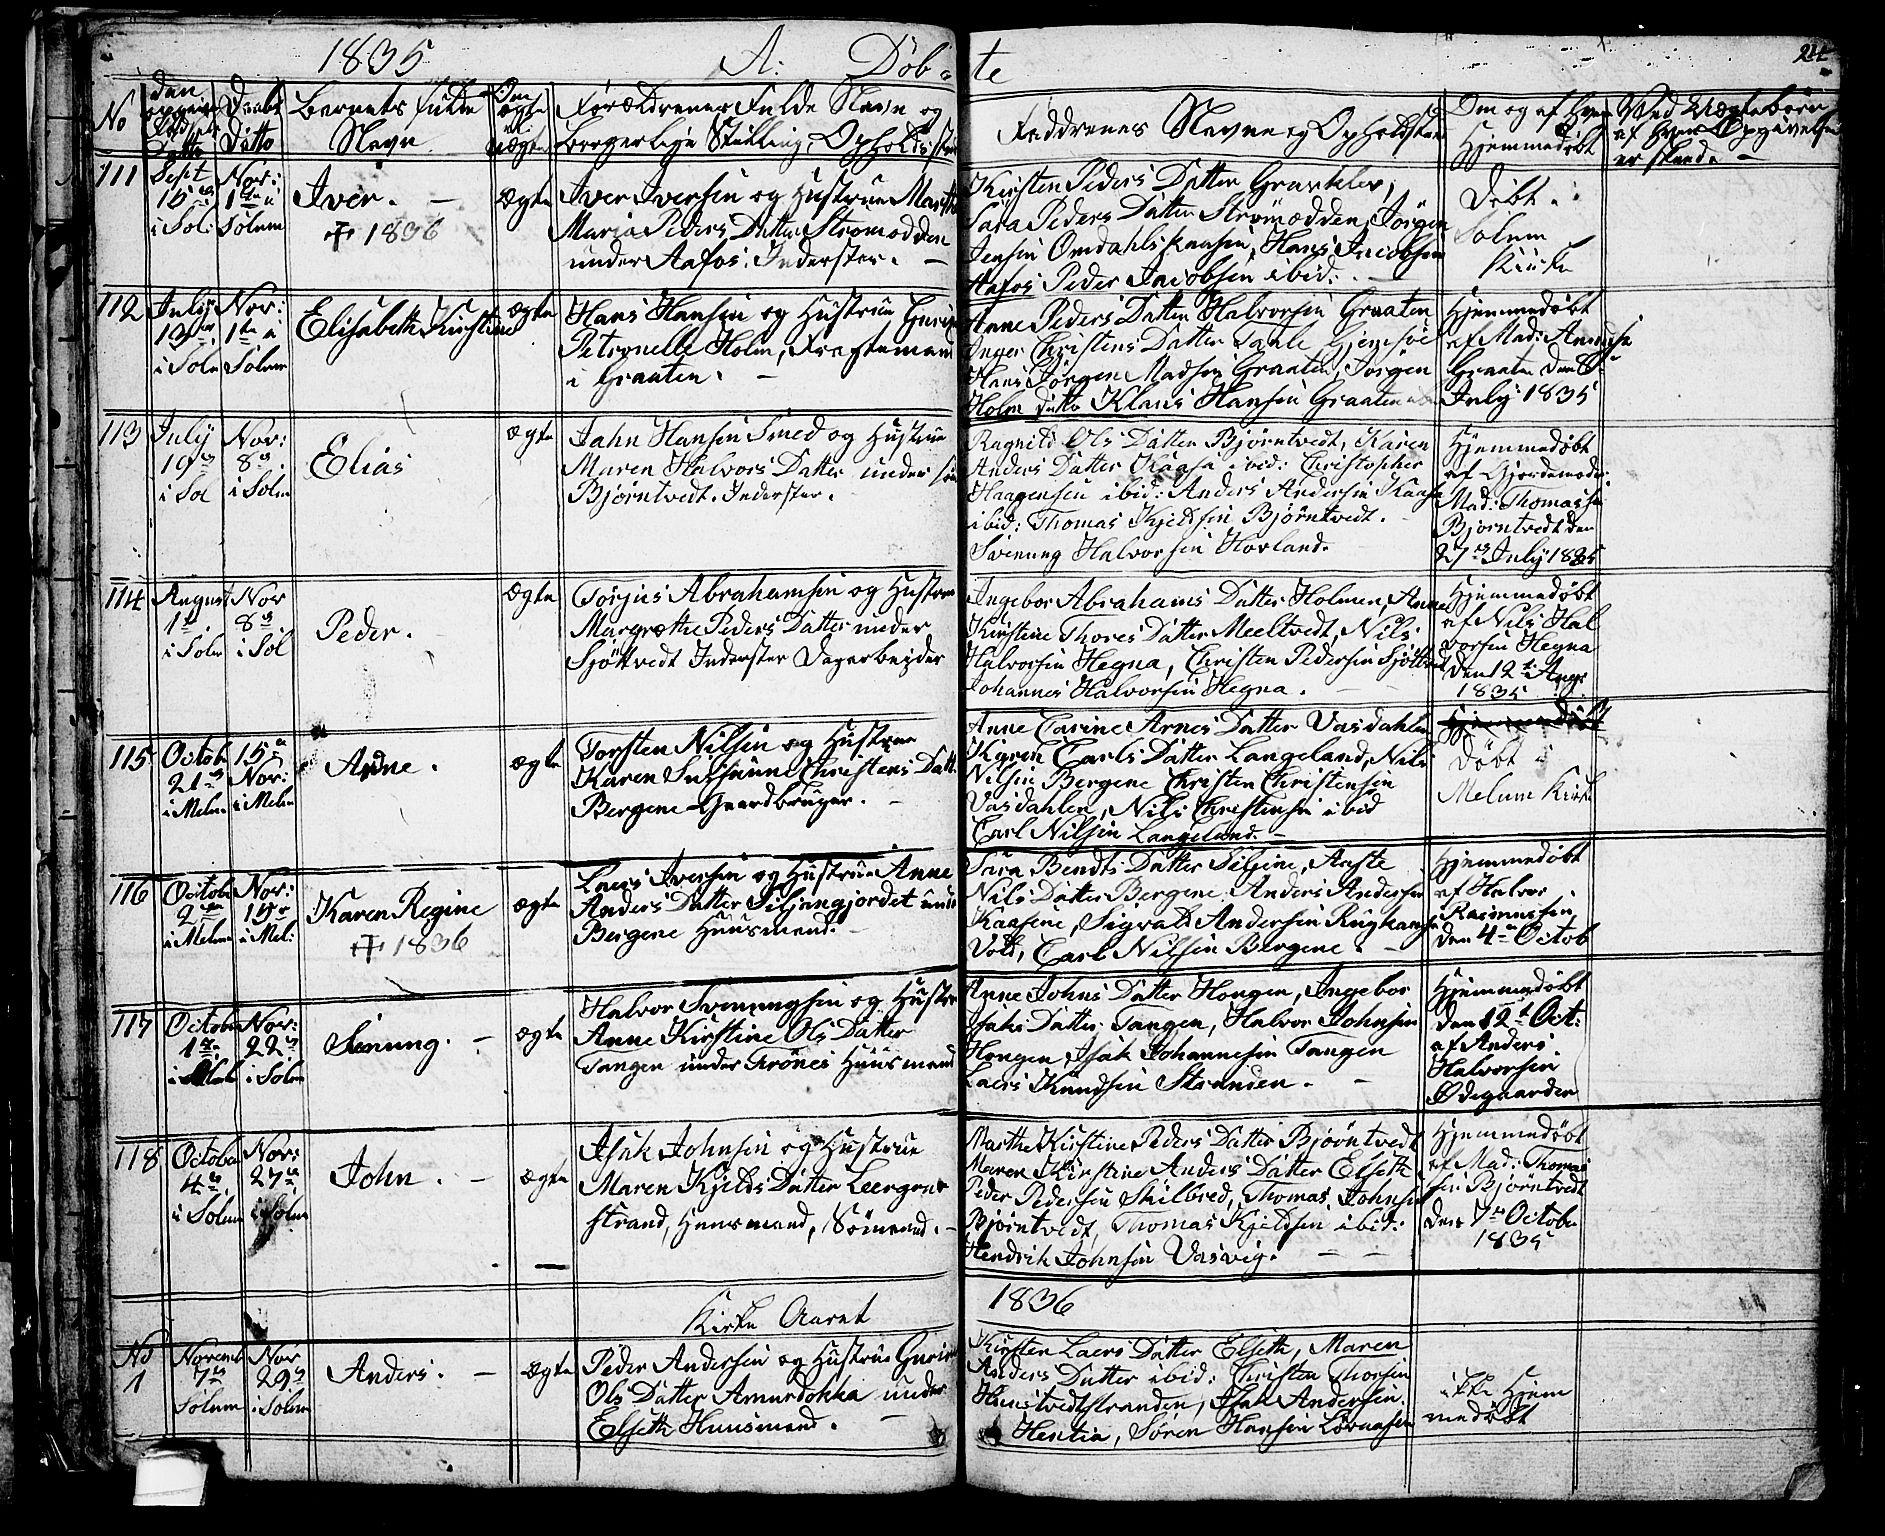 SAKO, Solum kirkebøker, G/Ga/L0002: Klokkerbok nr. I 2, 1834-1848, s. 24